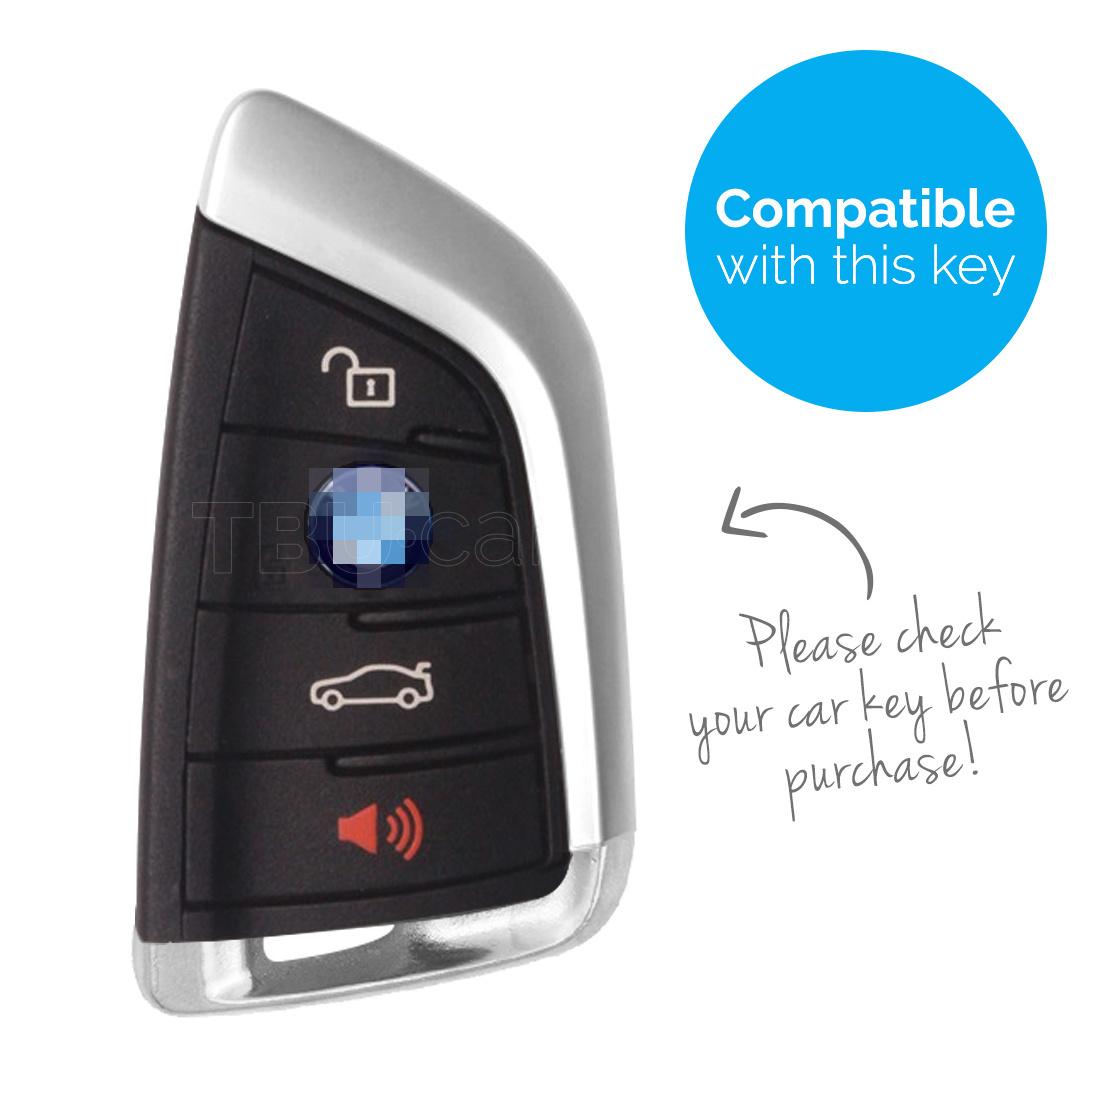 TBU car TBU car Funda Carcasa llave compatible con BMW - Funda de TPU - Cover de Llave Coche - Cromo plateado